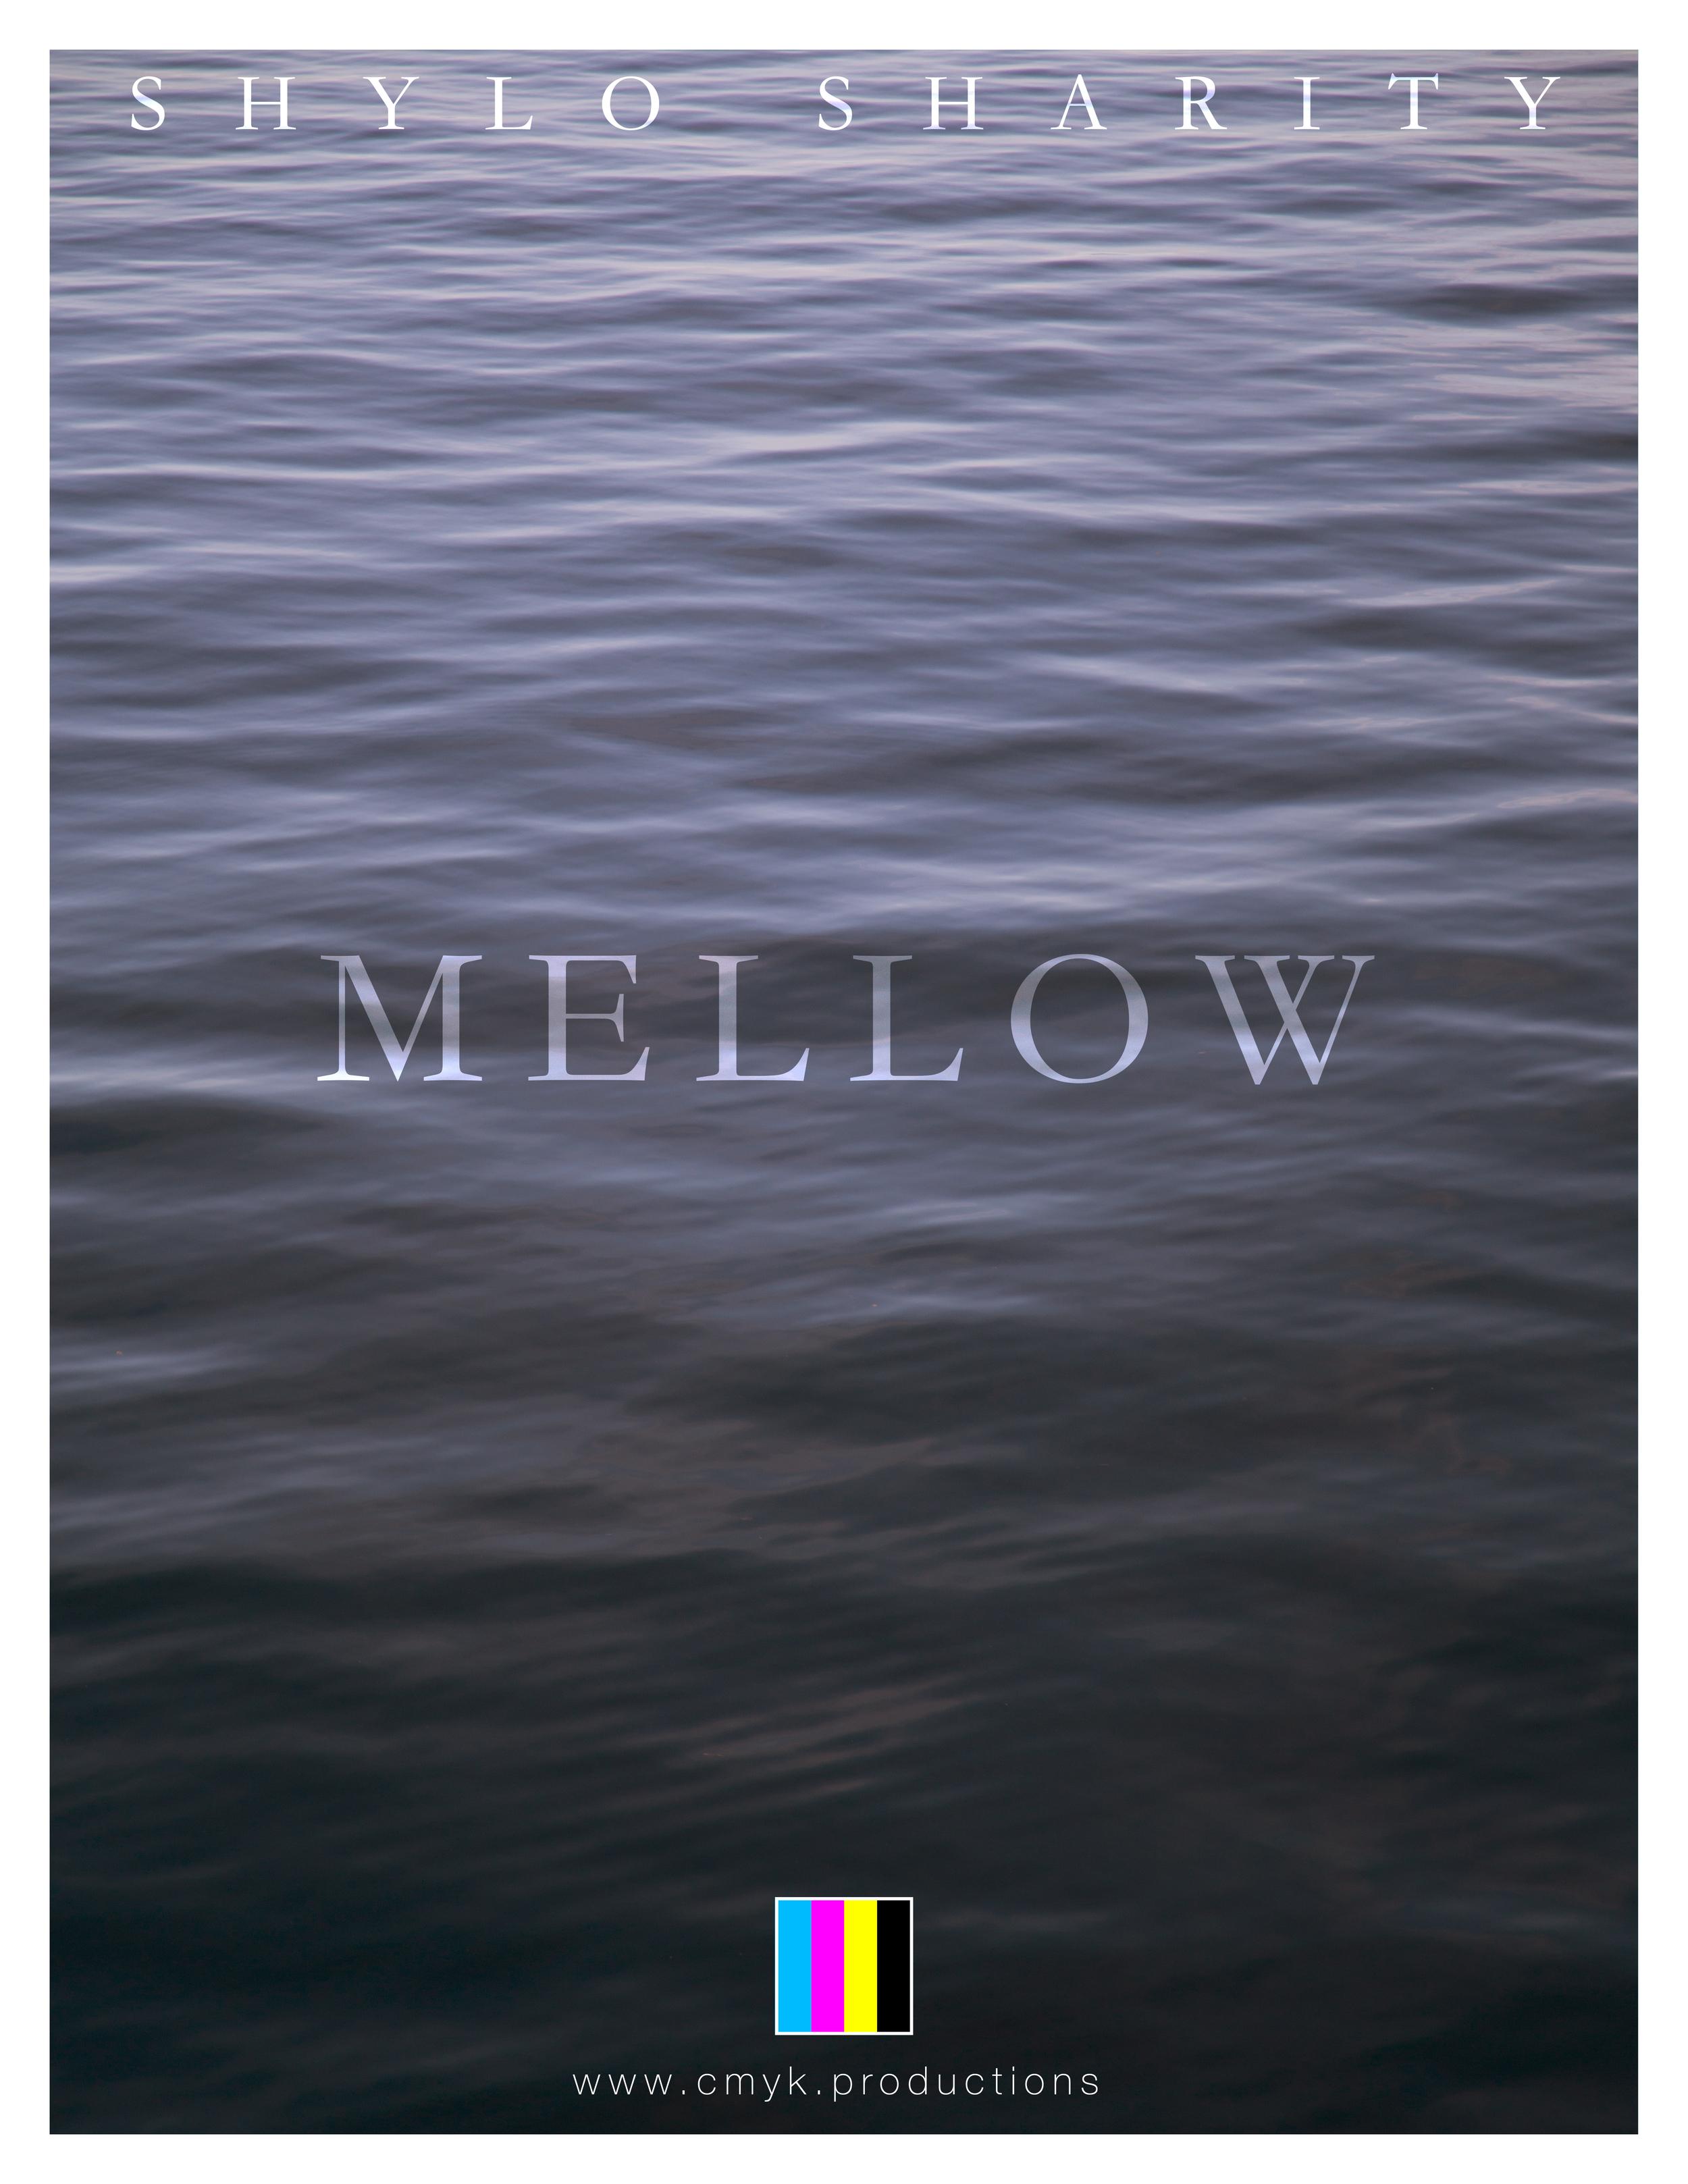 Mellow Poster 2.jpg